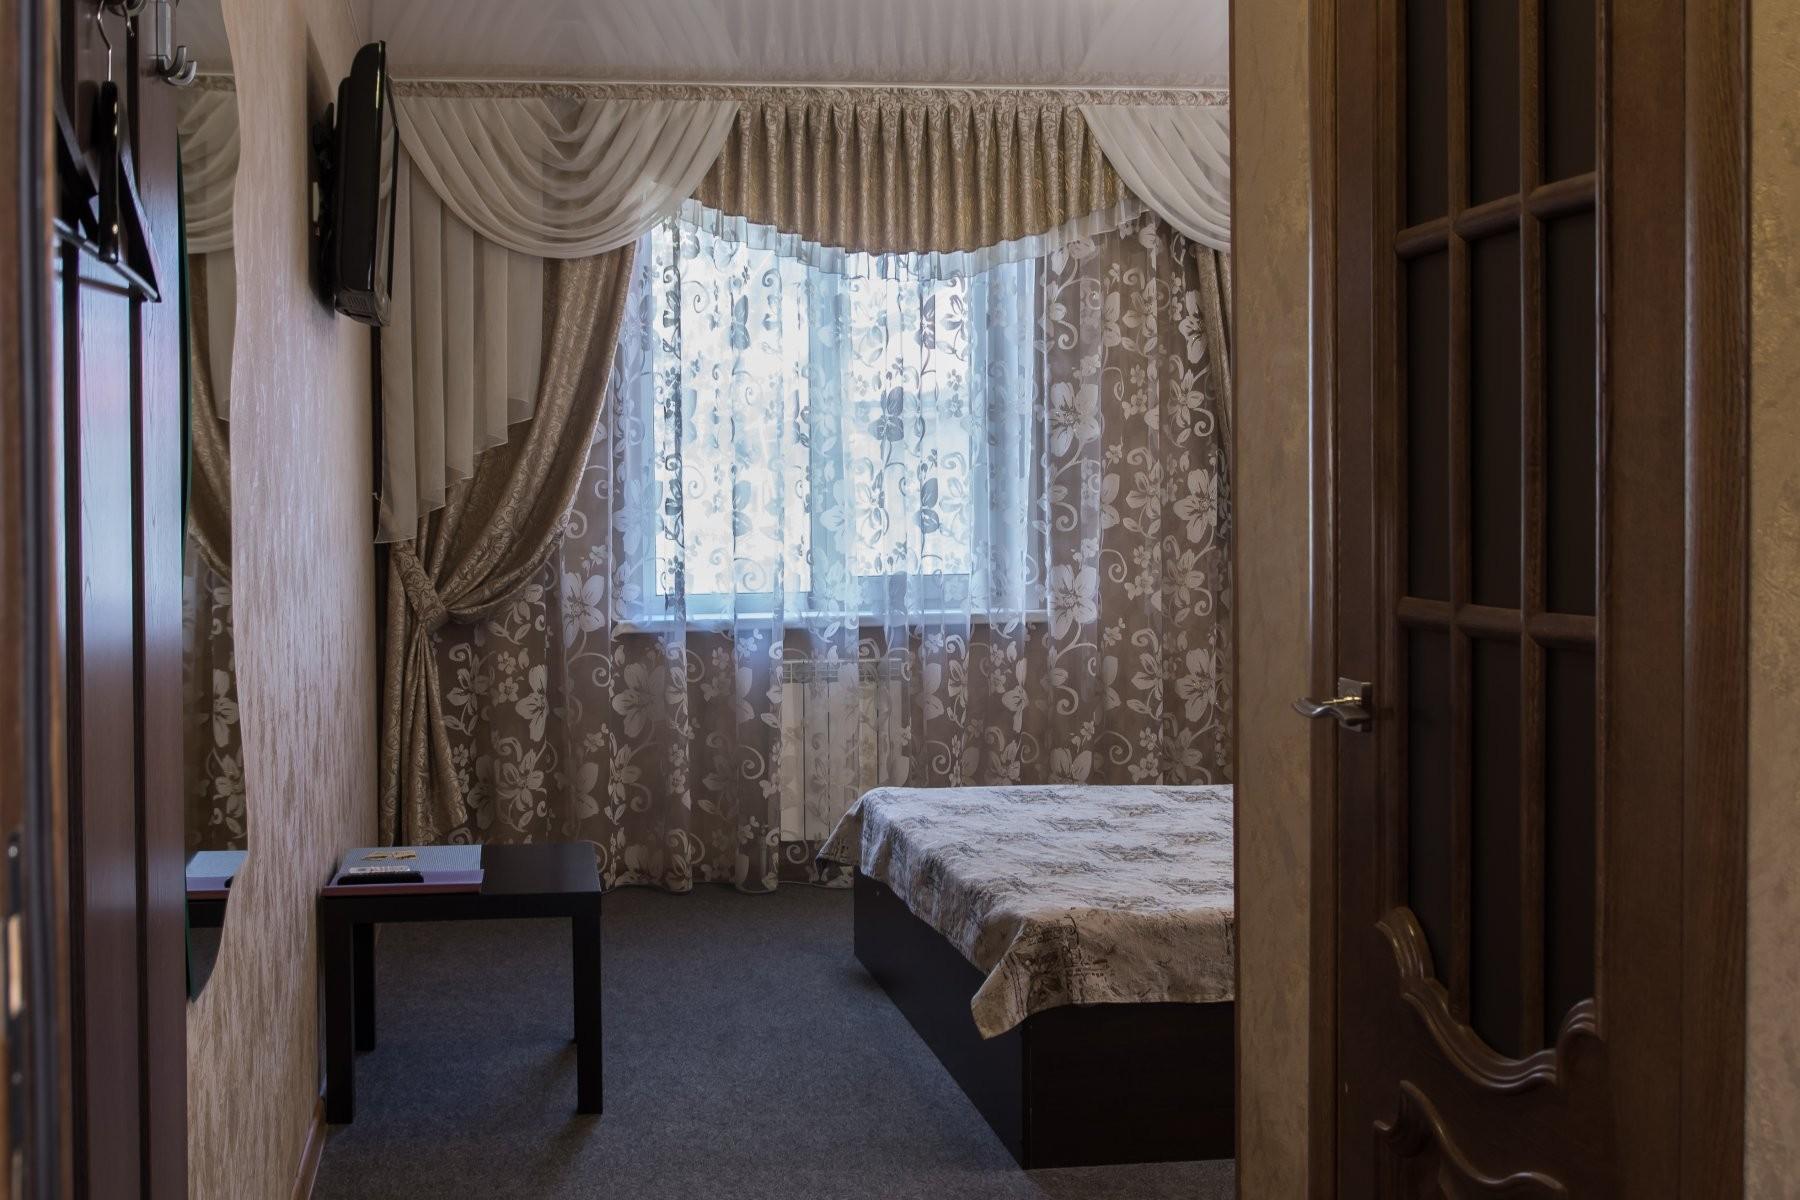 Шоколад, гостиничный комплекс - №68